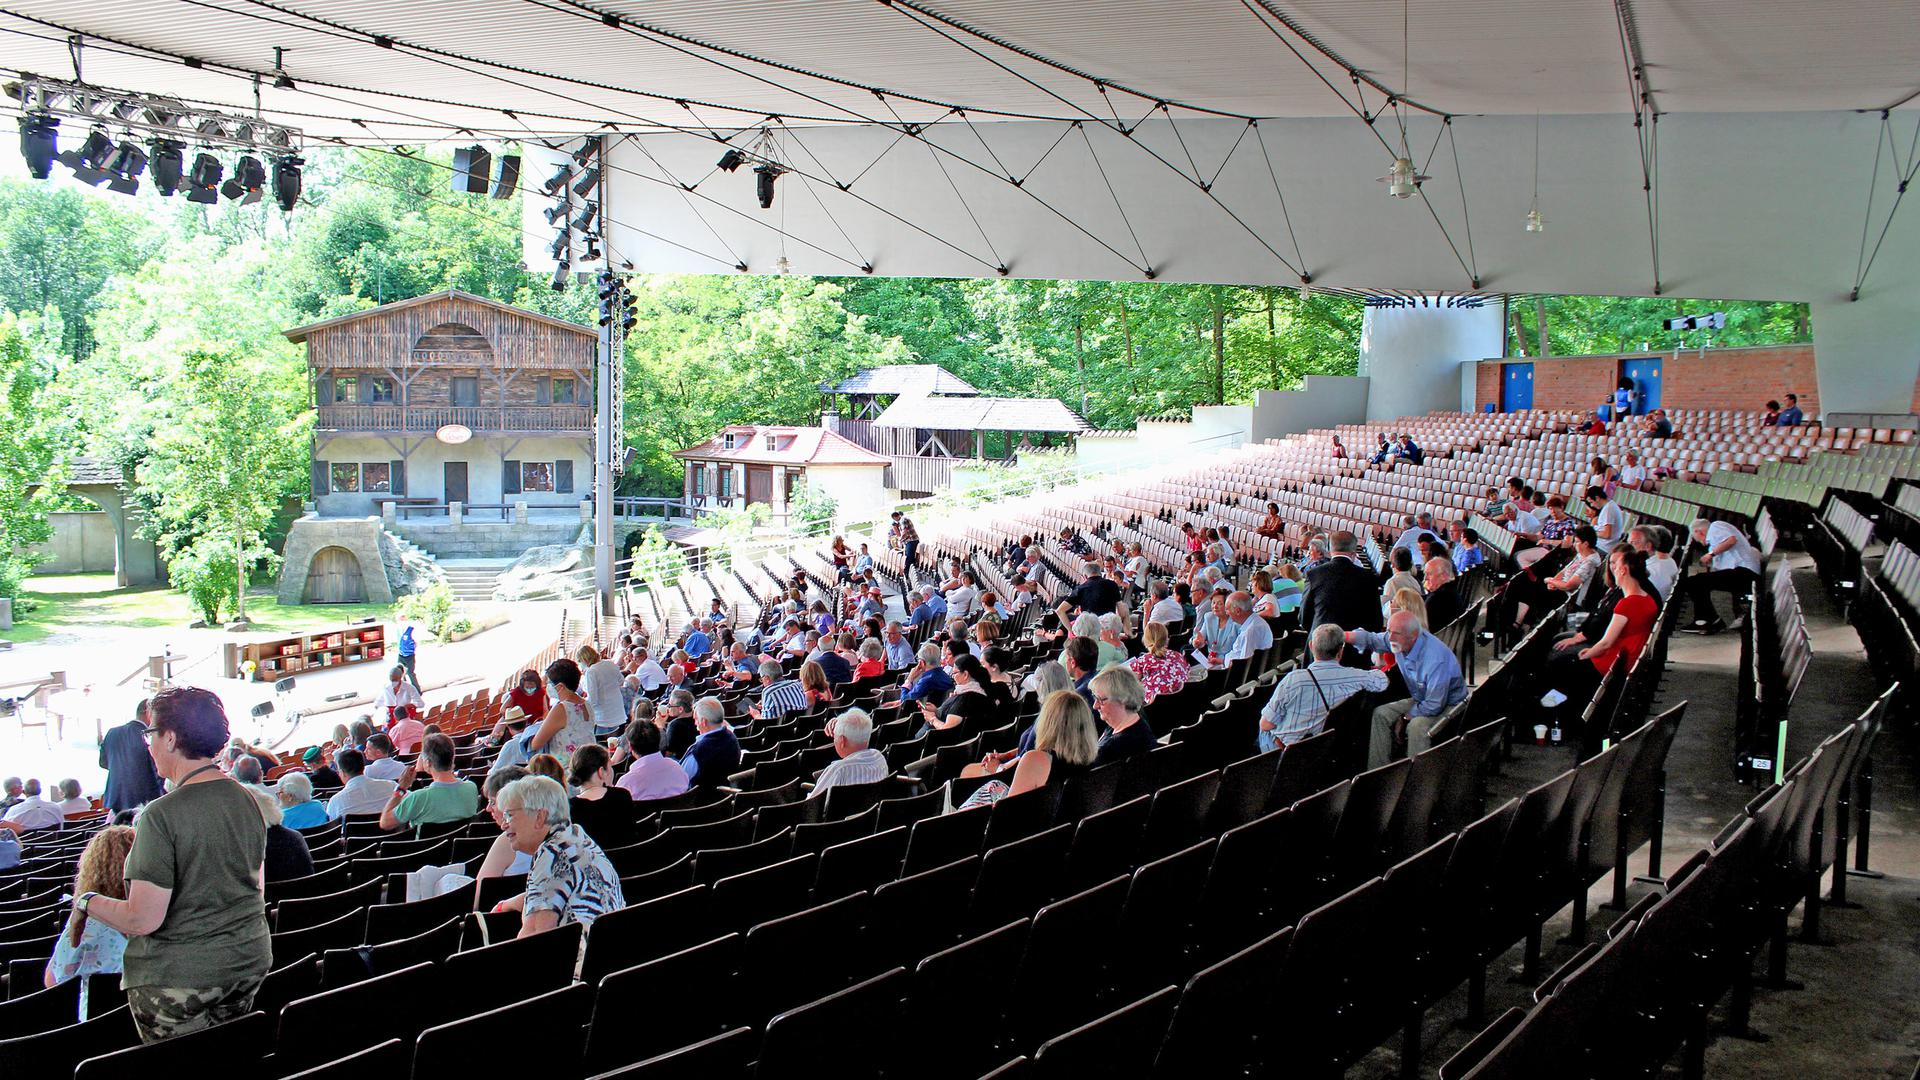 Viel freier Raum in den 4.000 Zuschauer fassenden Rängen: Sitzen und lachen dürfen die Besucher ohne FFP2-Maske. Ansonsten gilt auf dem gesamten Gelände ab dem Parkplatz Maskenpflicht.